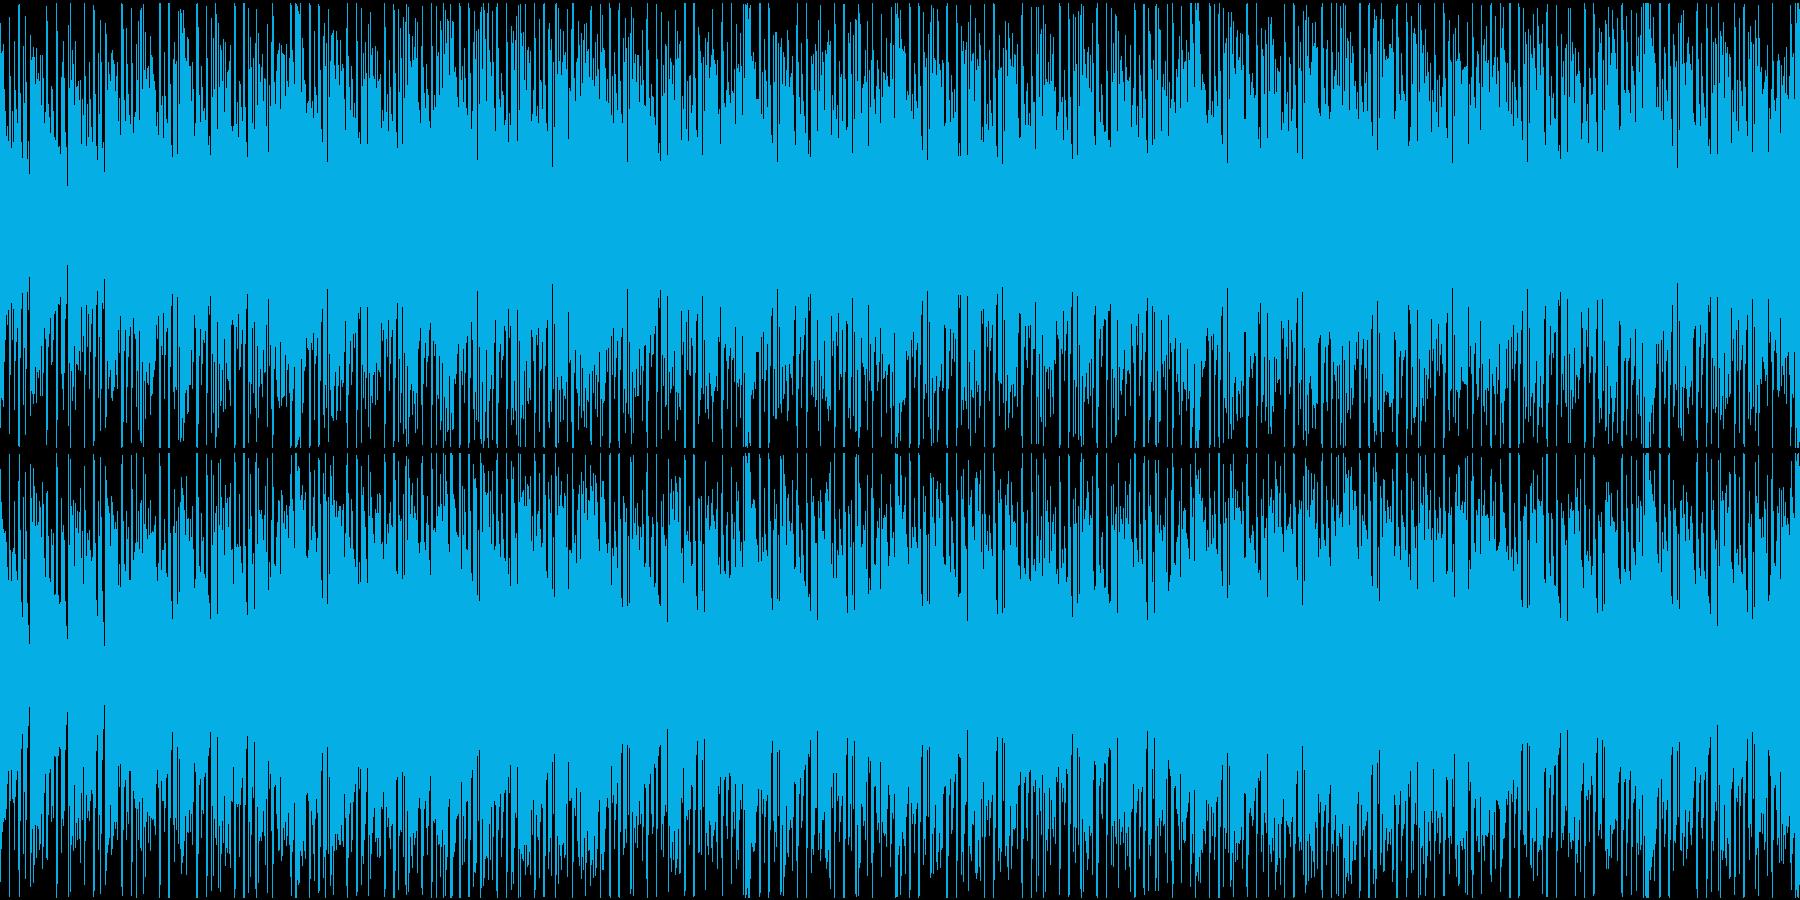 コミカル系な不気味インストの再生済みの波形